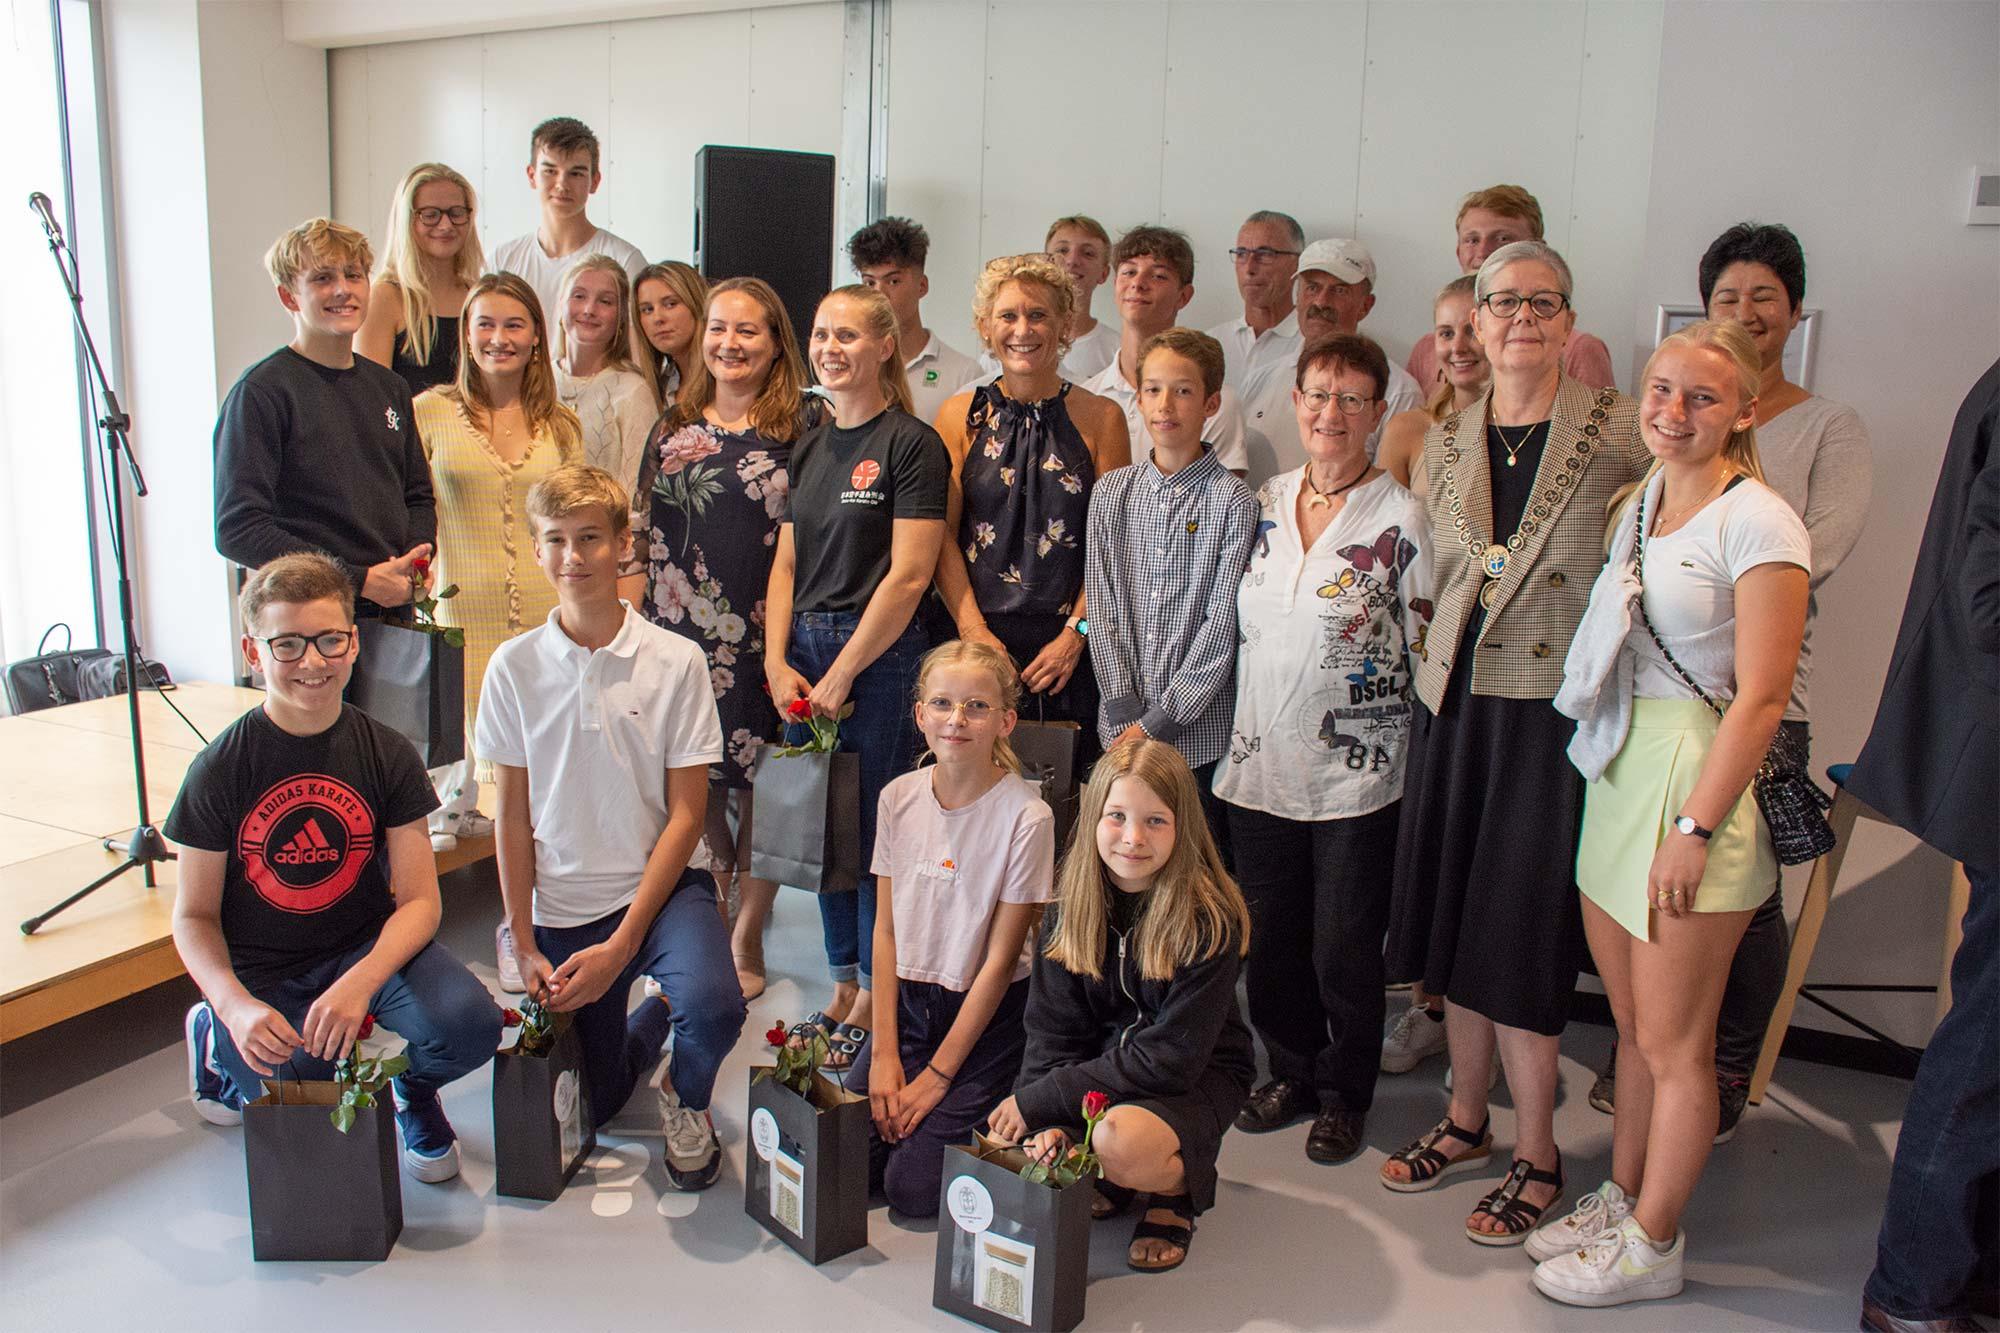 Glade sportsudøvere i selskab med borgmester Helle Barth. Foto: Hans Jacob Sørensen.